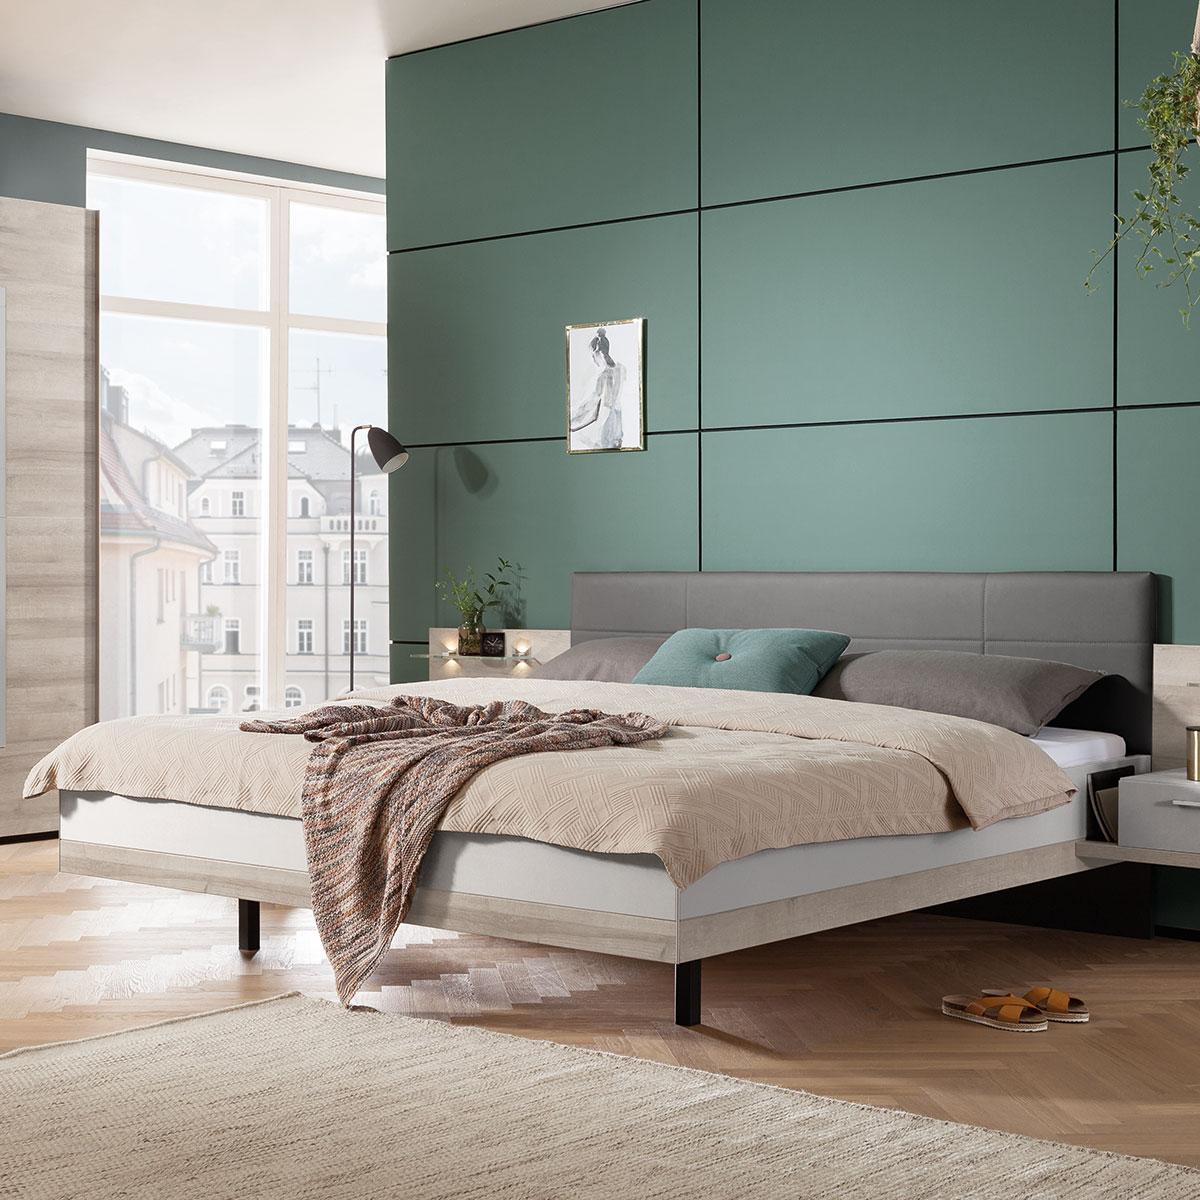 Full Size of Nolte Betten Doppelbett Novara In Grau Von Mbel Mit Schubladen Schöne Massivholz Designer Paradies 160x200 Somnus Massiv Outlet Bett Nolte Betten